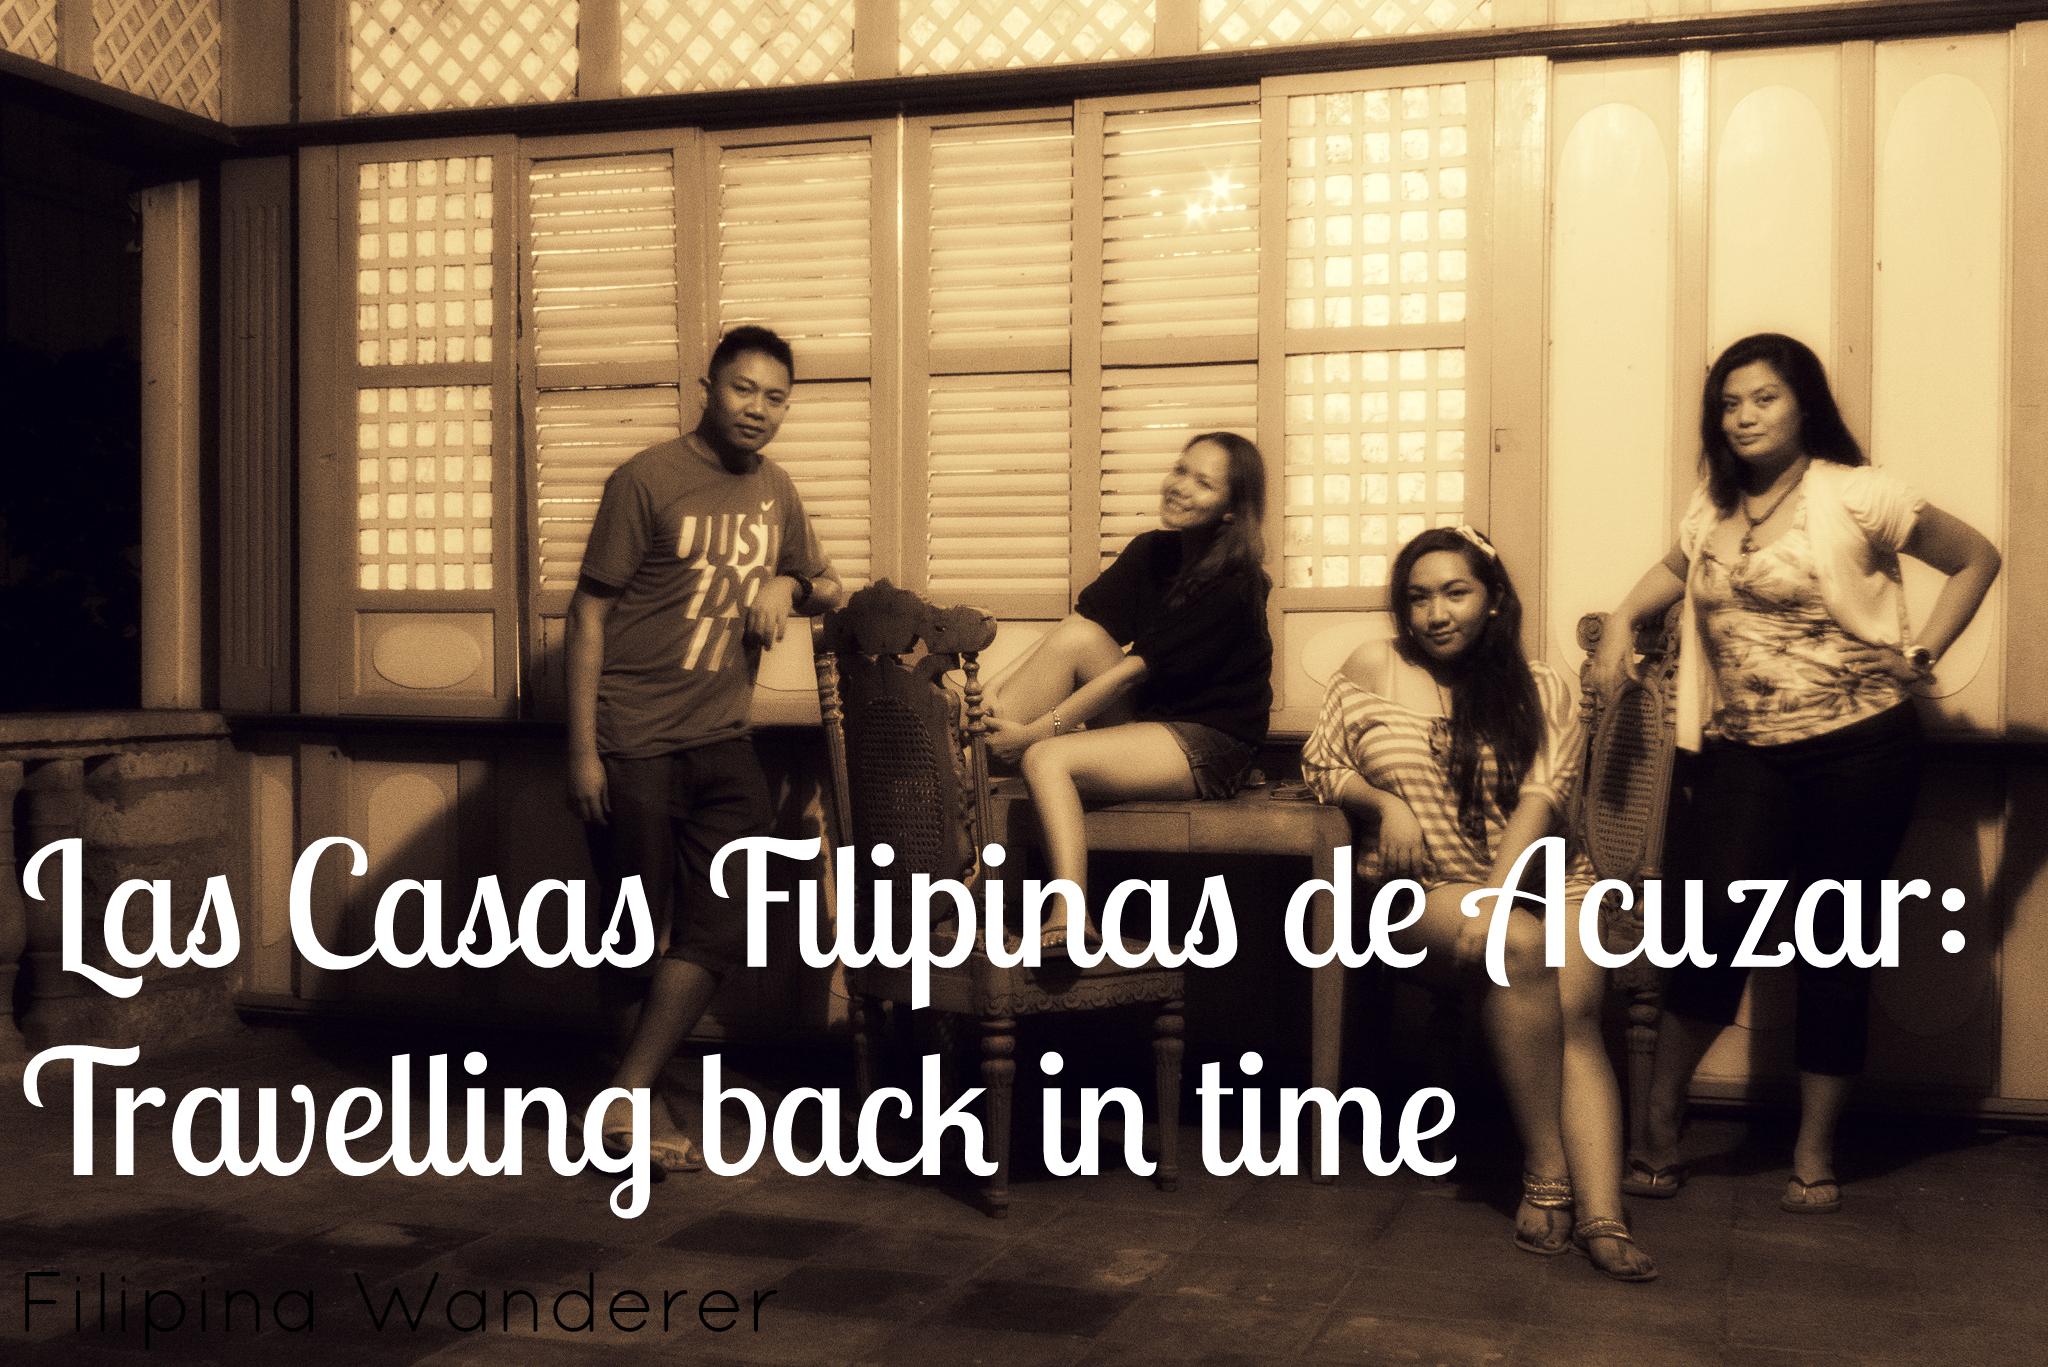 Las Casas Filipinas de Acuzar Travelling back in time